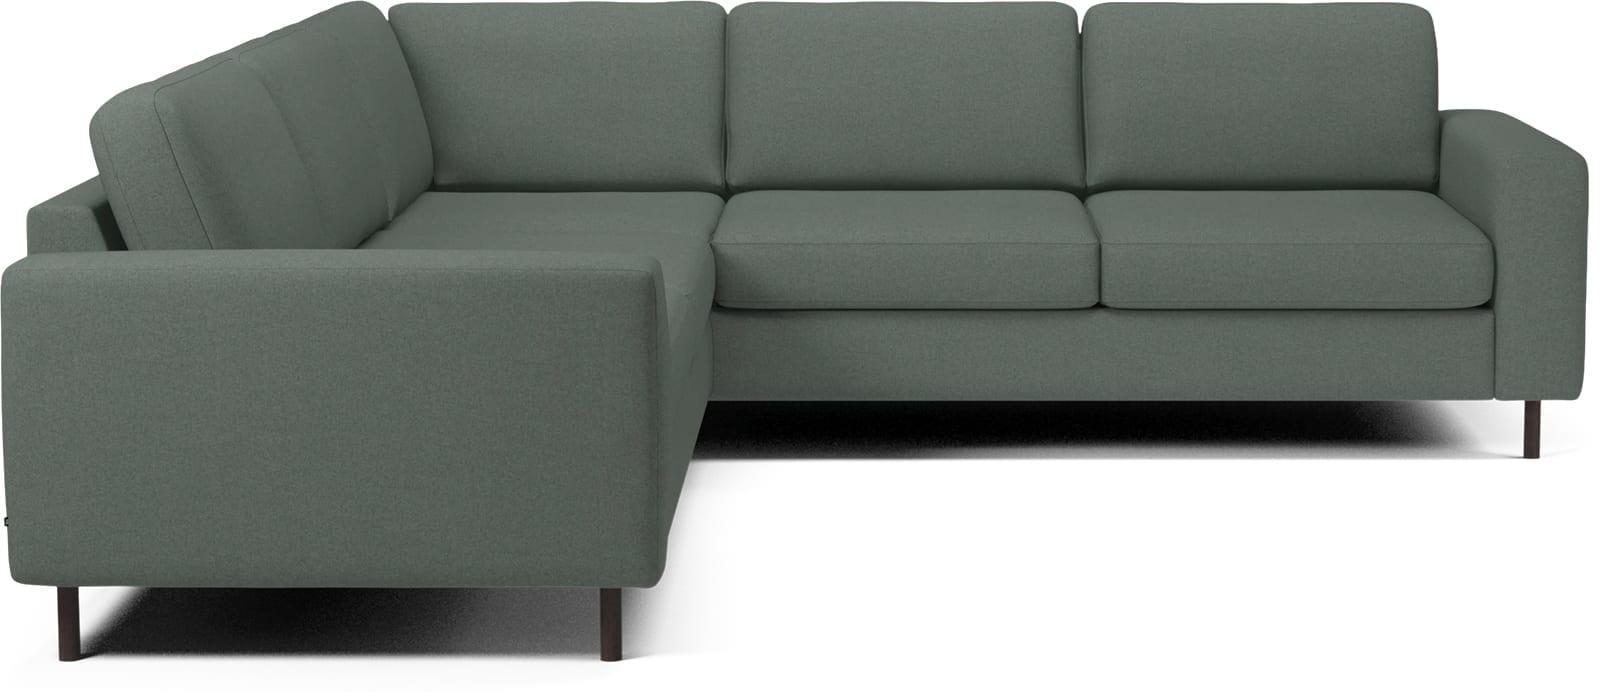 SCANDINAVIA 5 seater corner sofa (2 corner 2)